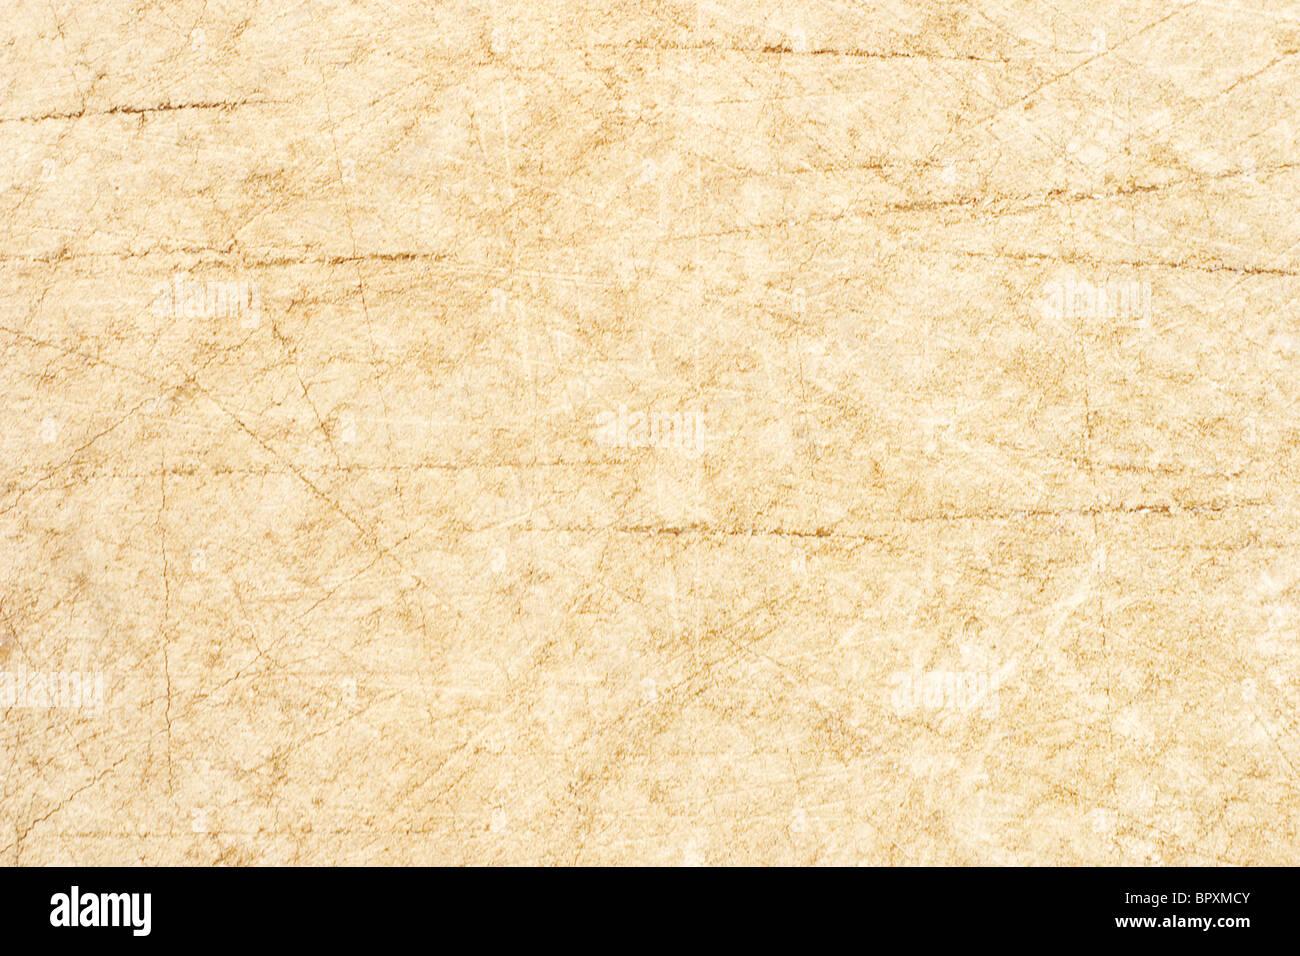 La texture de surface de billot en bois historique Photo Stock